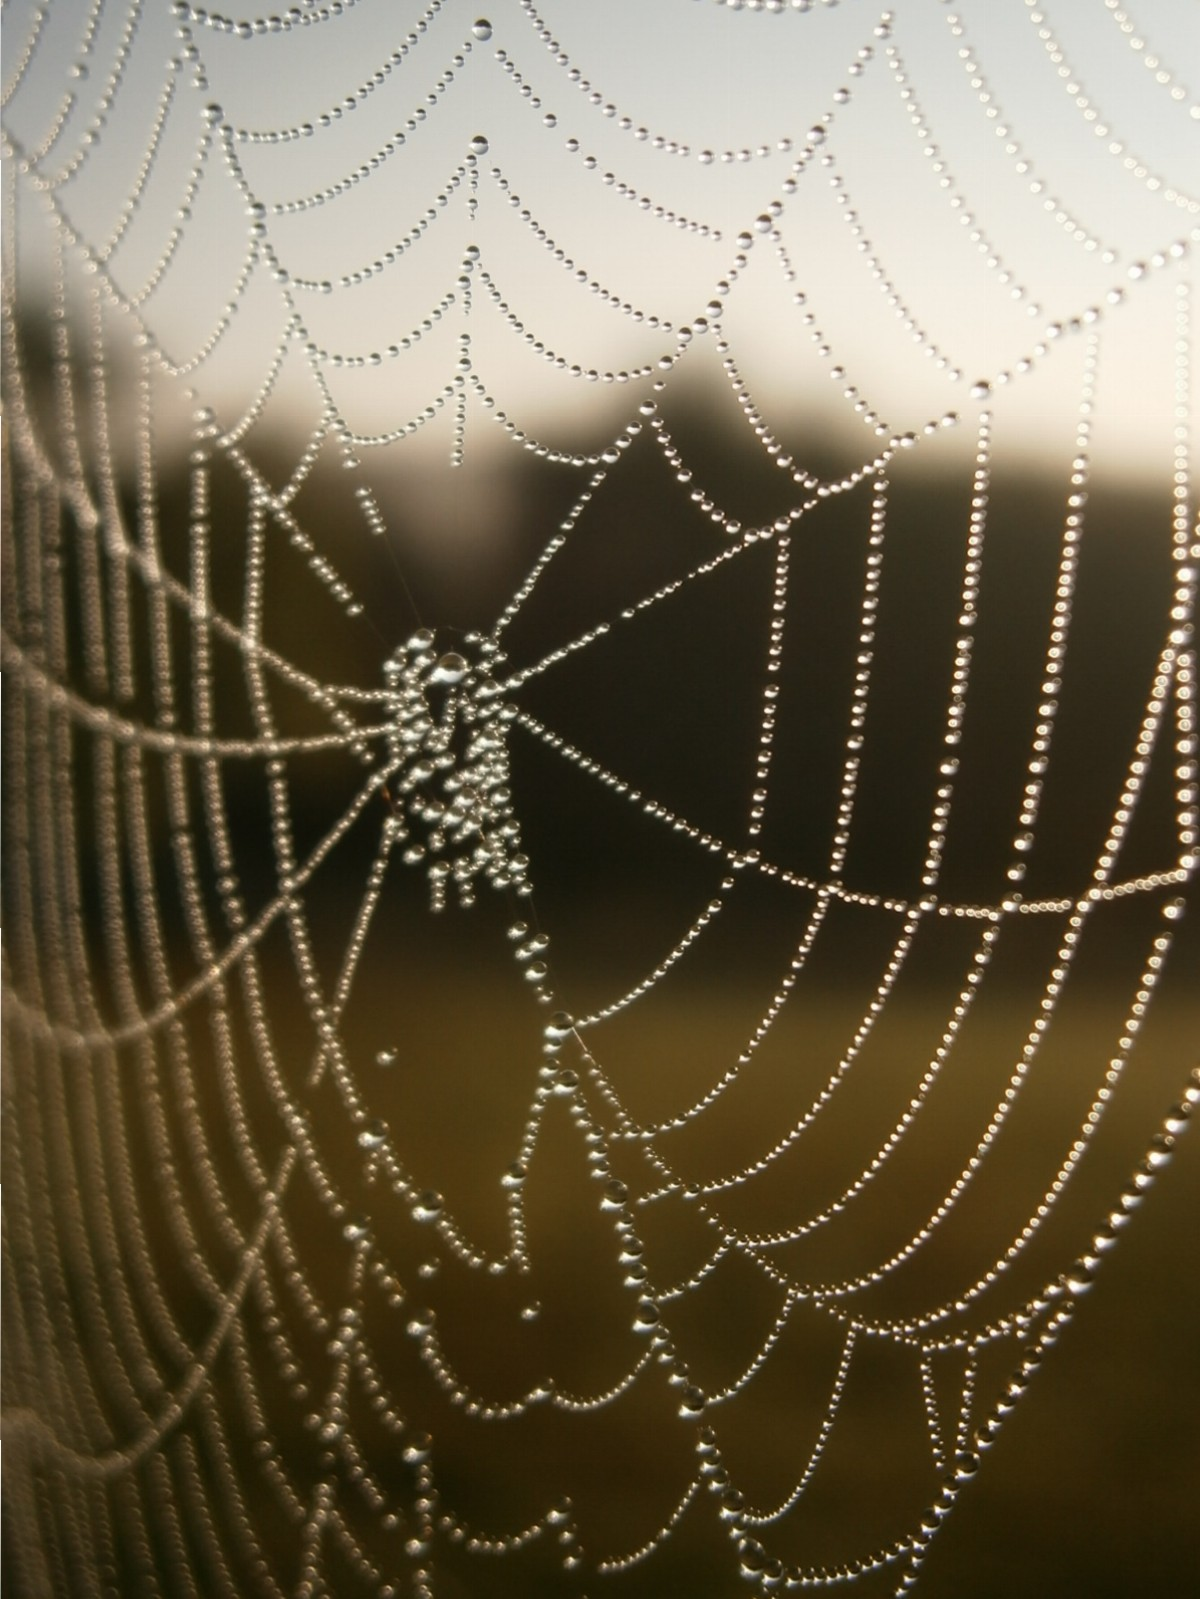 Herbstanfang: Tautropfen im Morgensonnenlicht an einem Spinnennetz.